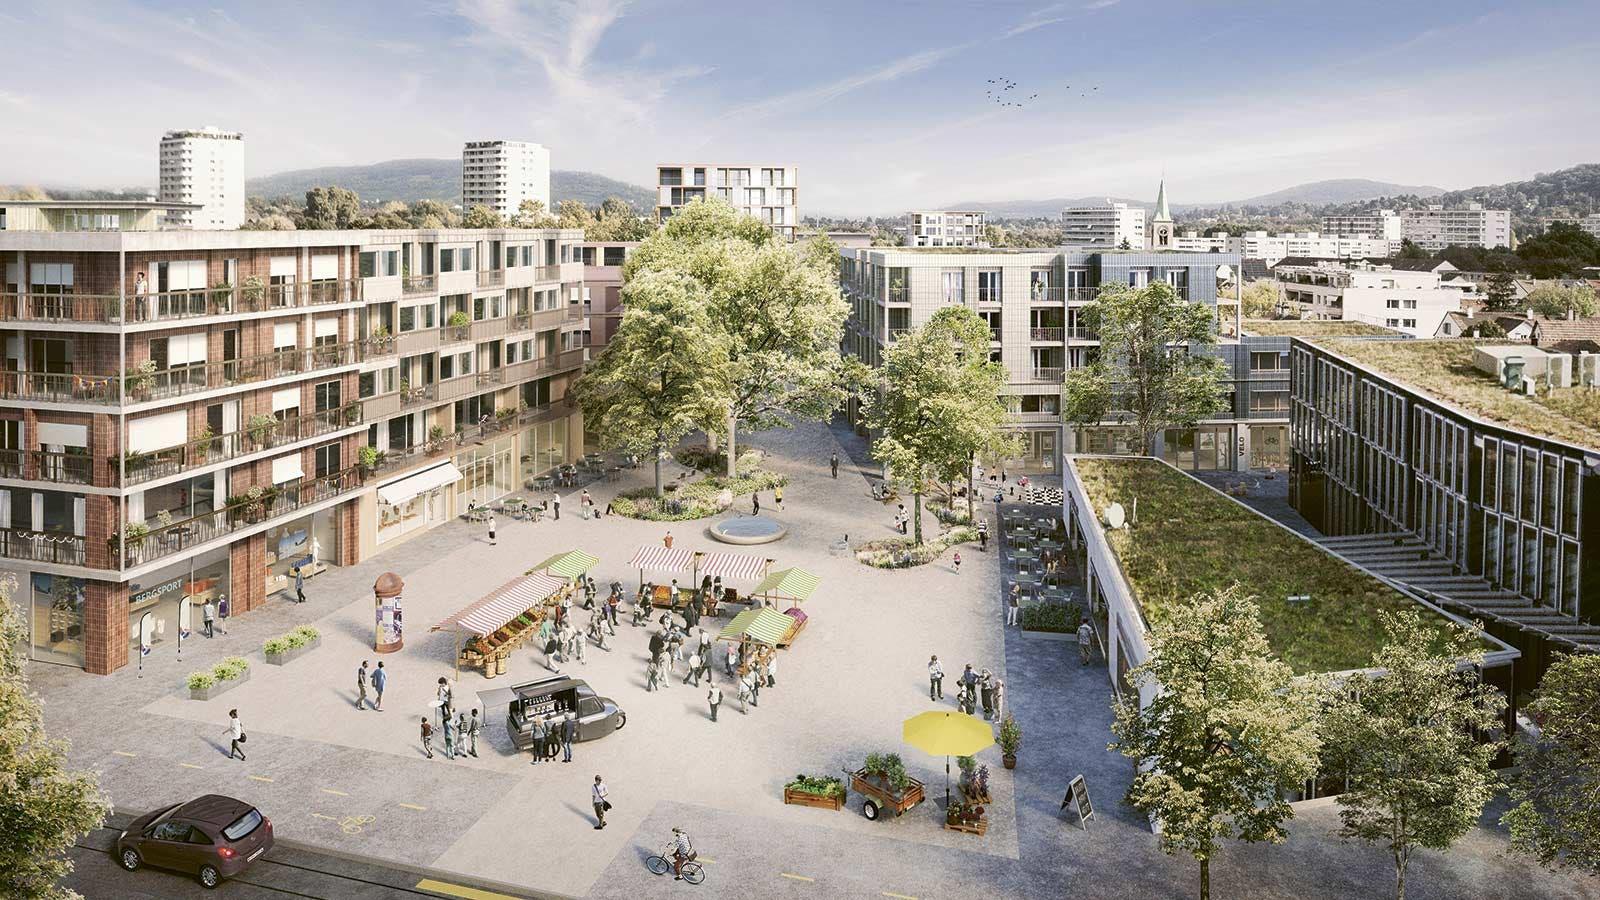 Blick auf den Zentrumsplatz, am unteren Bildrand ist die 3er-Tramhaltestelle Schulstrasse. Statt Parkplätzen hat es jetzt Platz für Menschen.